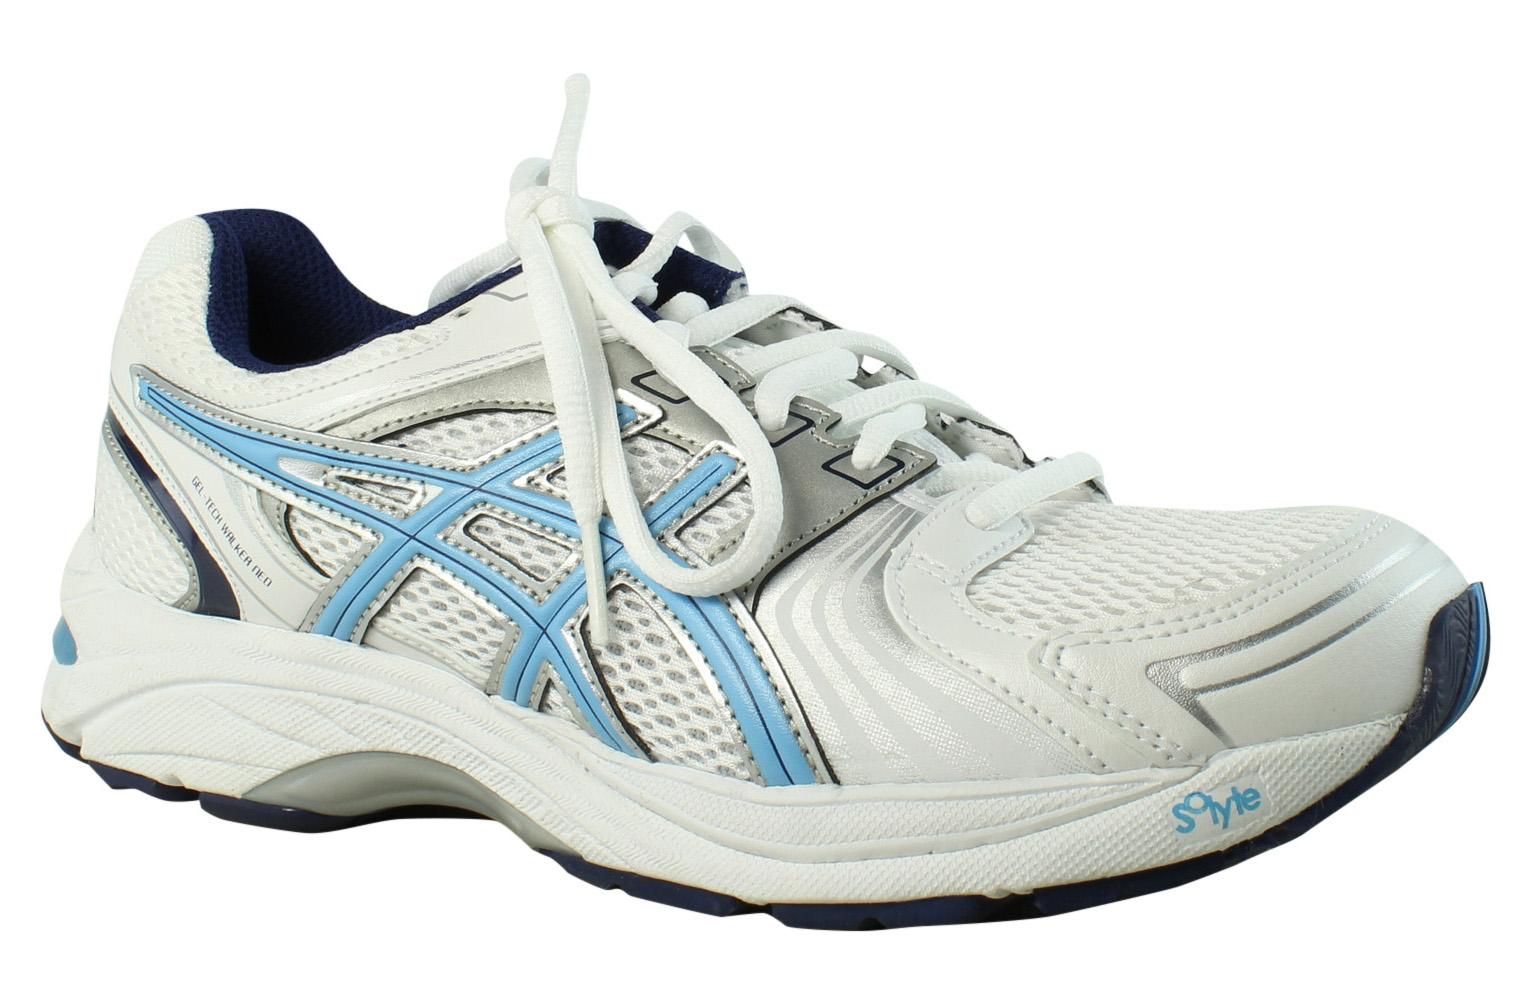 ASICS Damenschuhe Gel-Tech Walker Neo 4 WEISS Walking Schuhes Größe 8 (351839)